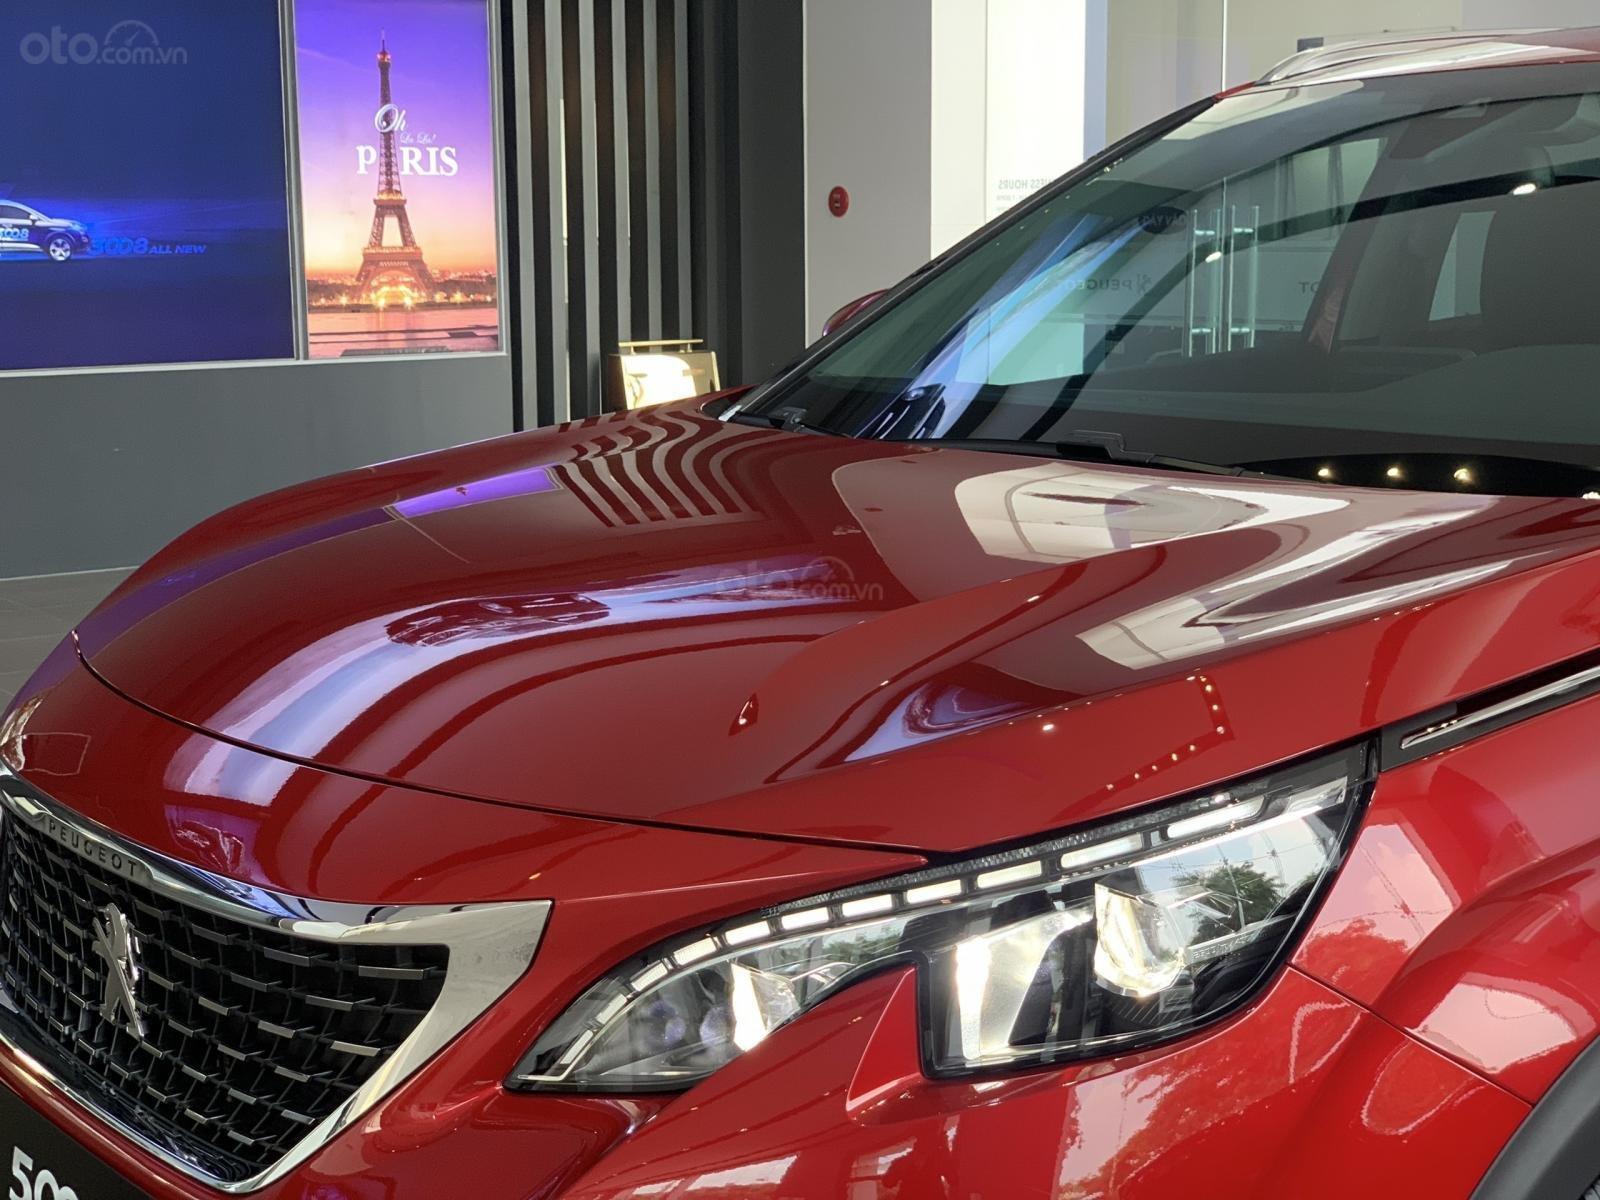 Cần bán nhanh chiếc xe Peugeot 5008 năm 2019, màu đỏ - Có sẵn xe - Giao nhanh toàn quốc (6)